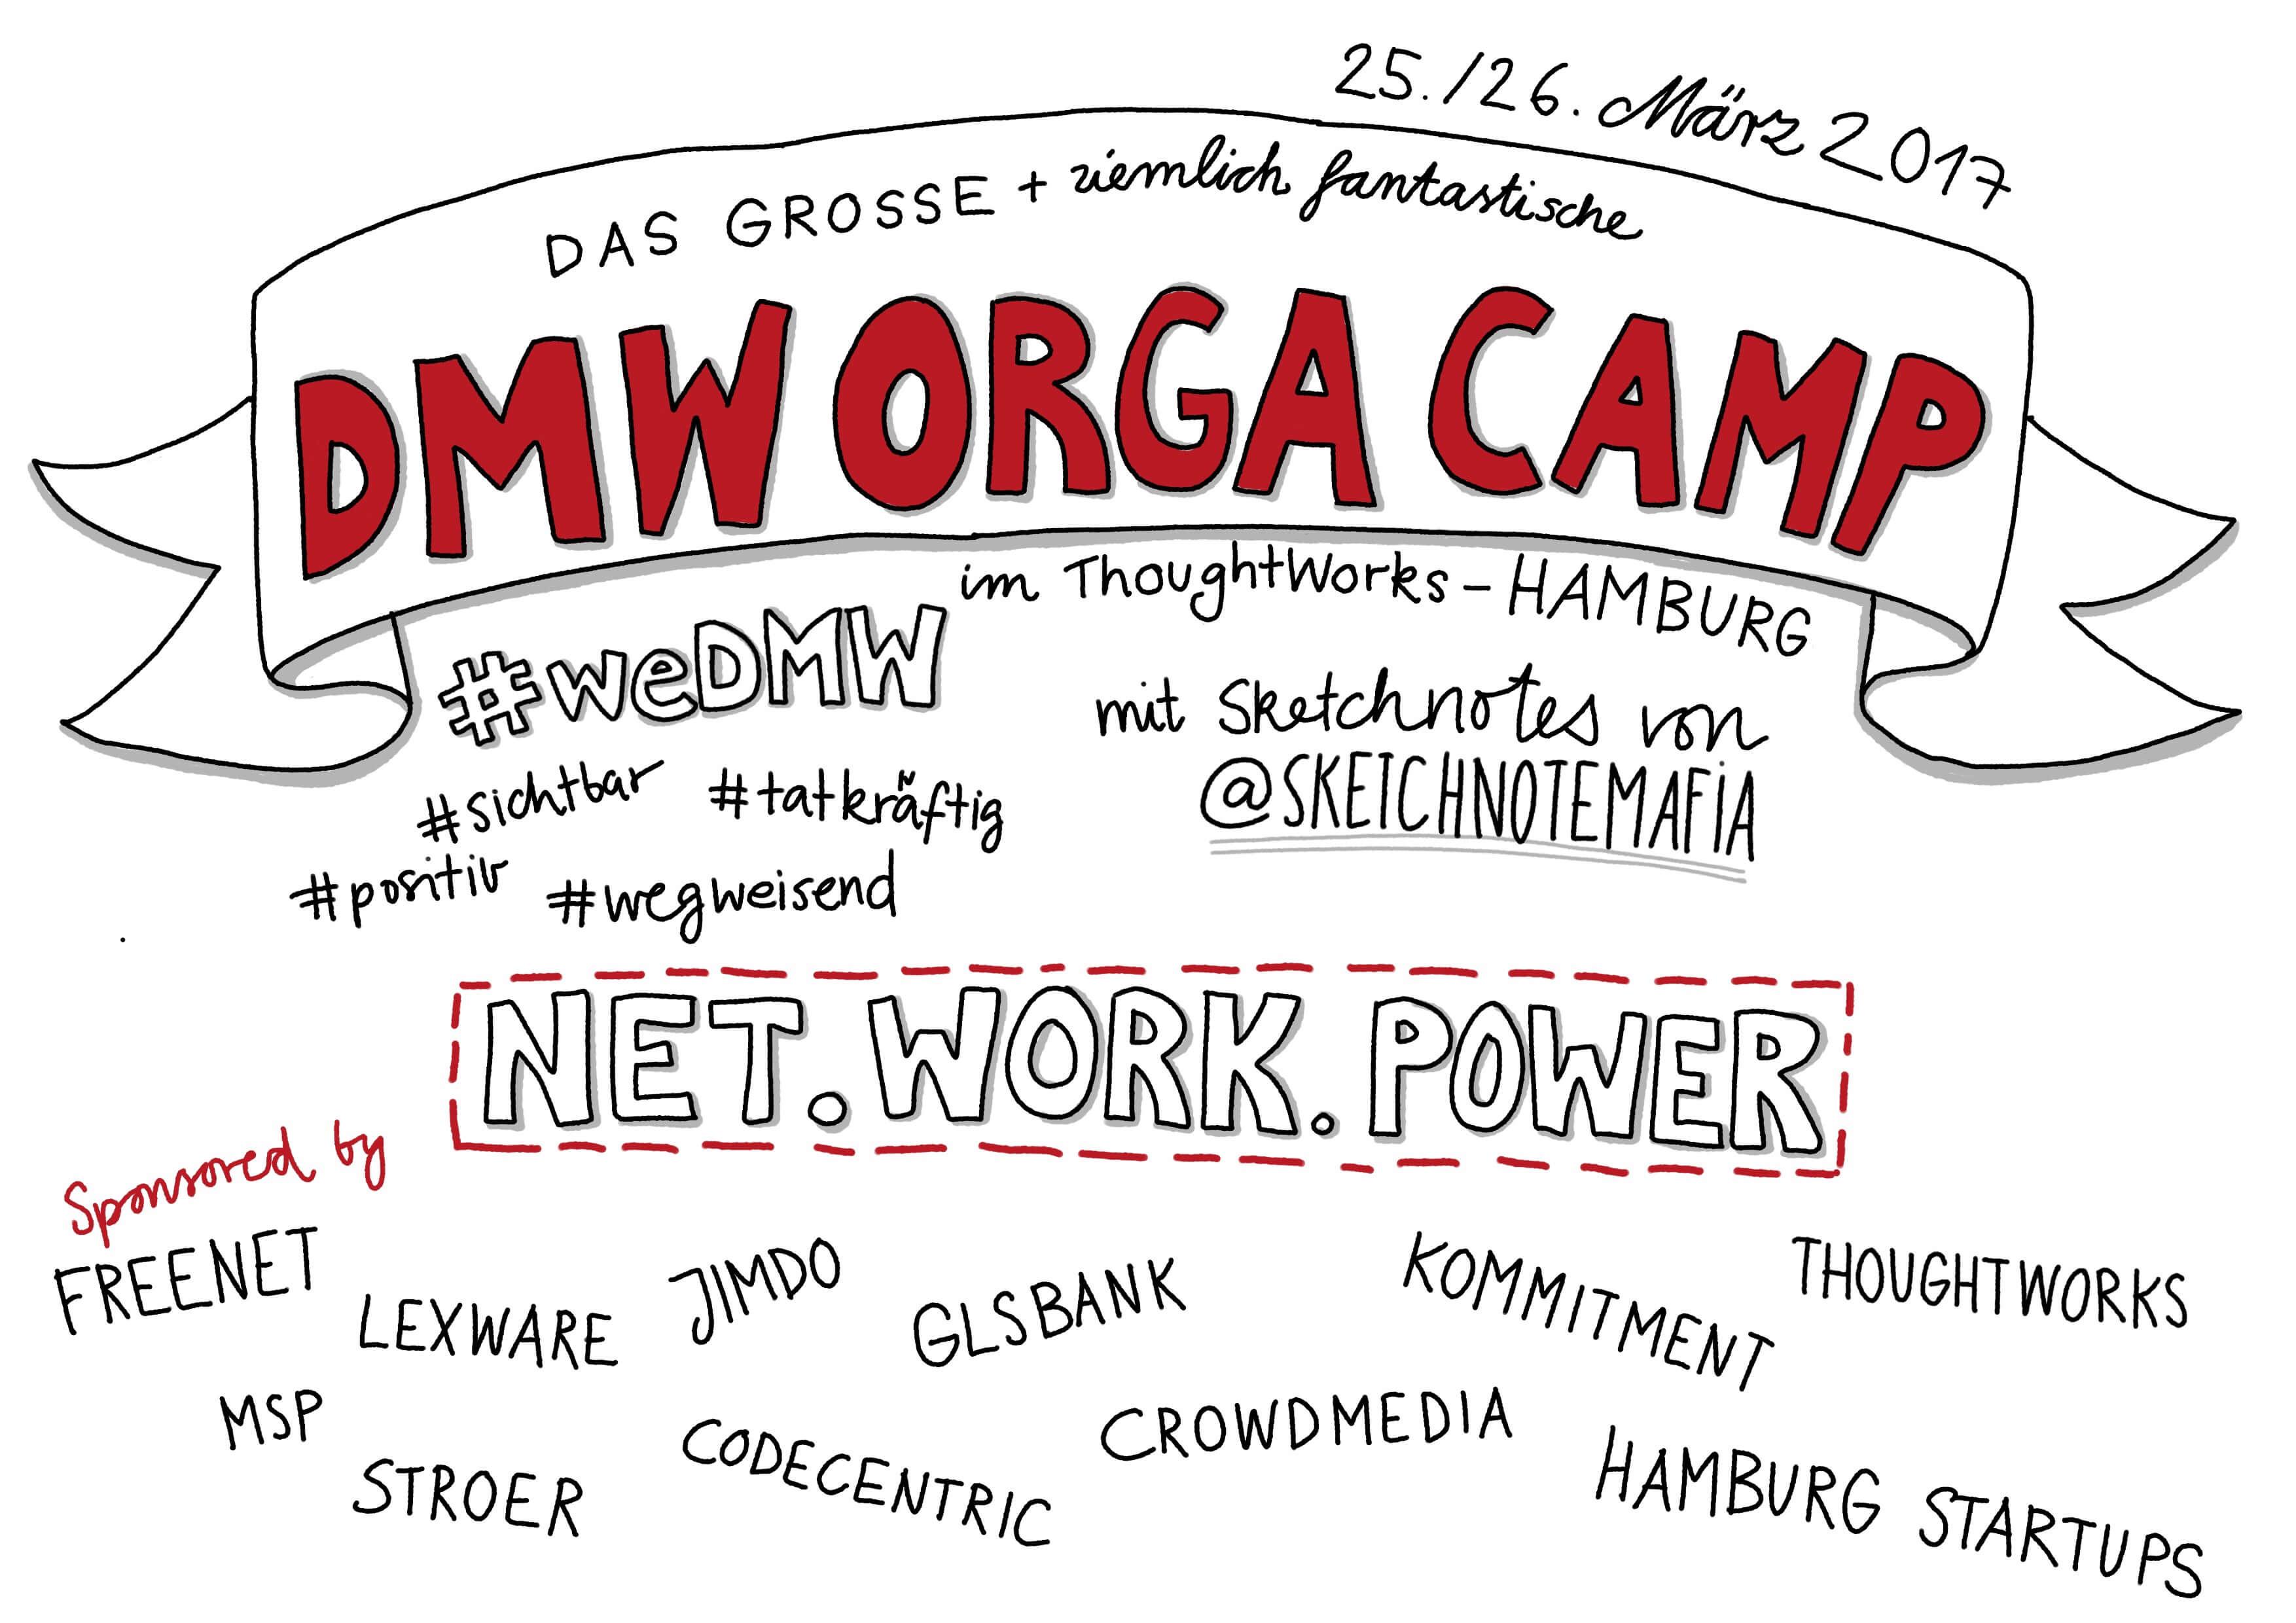 Das ziemlich fantastische DMW Orga Camp – #wedmw